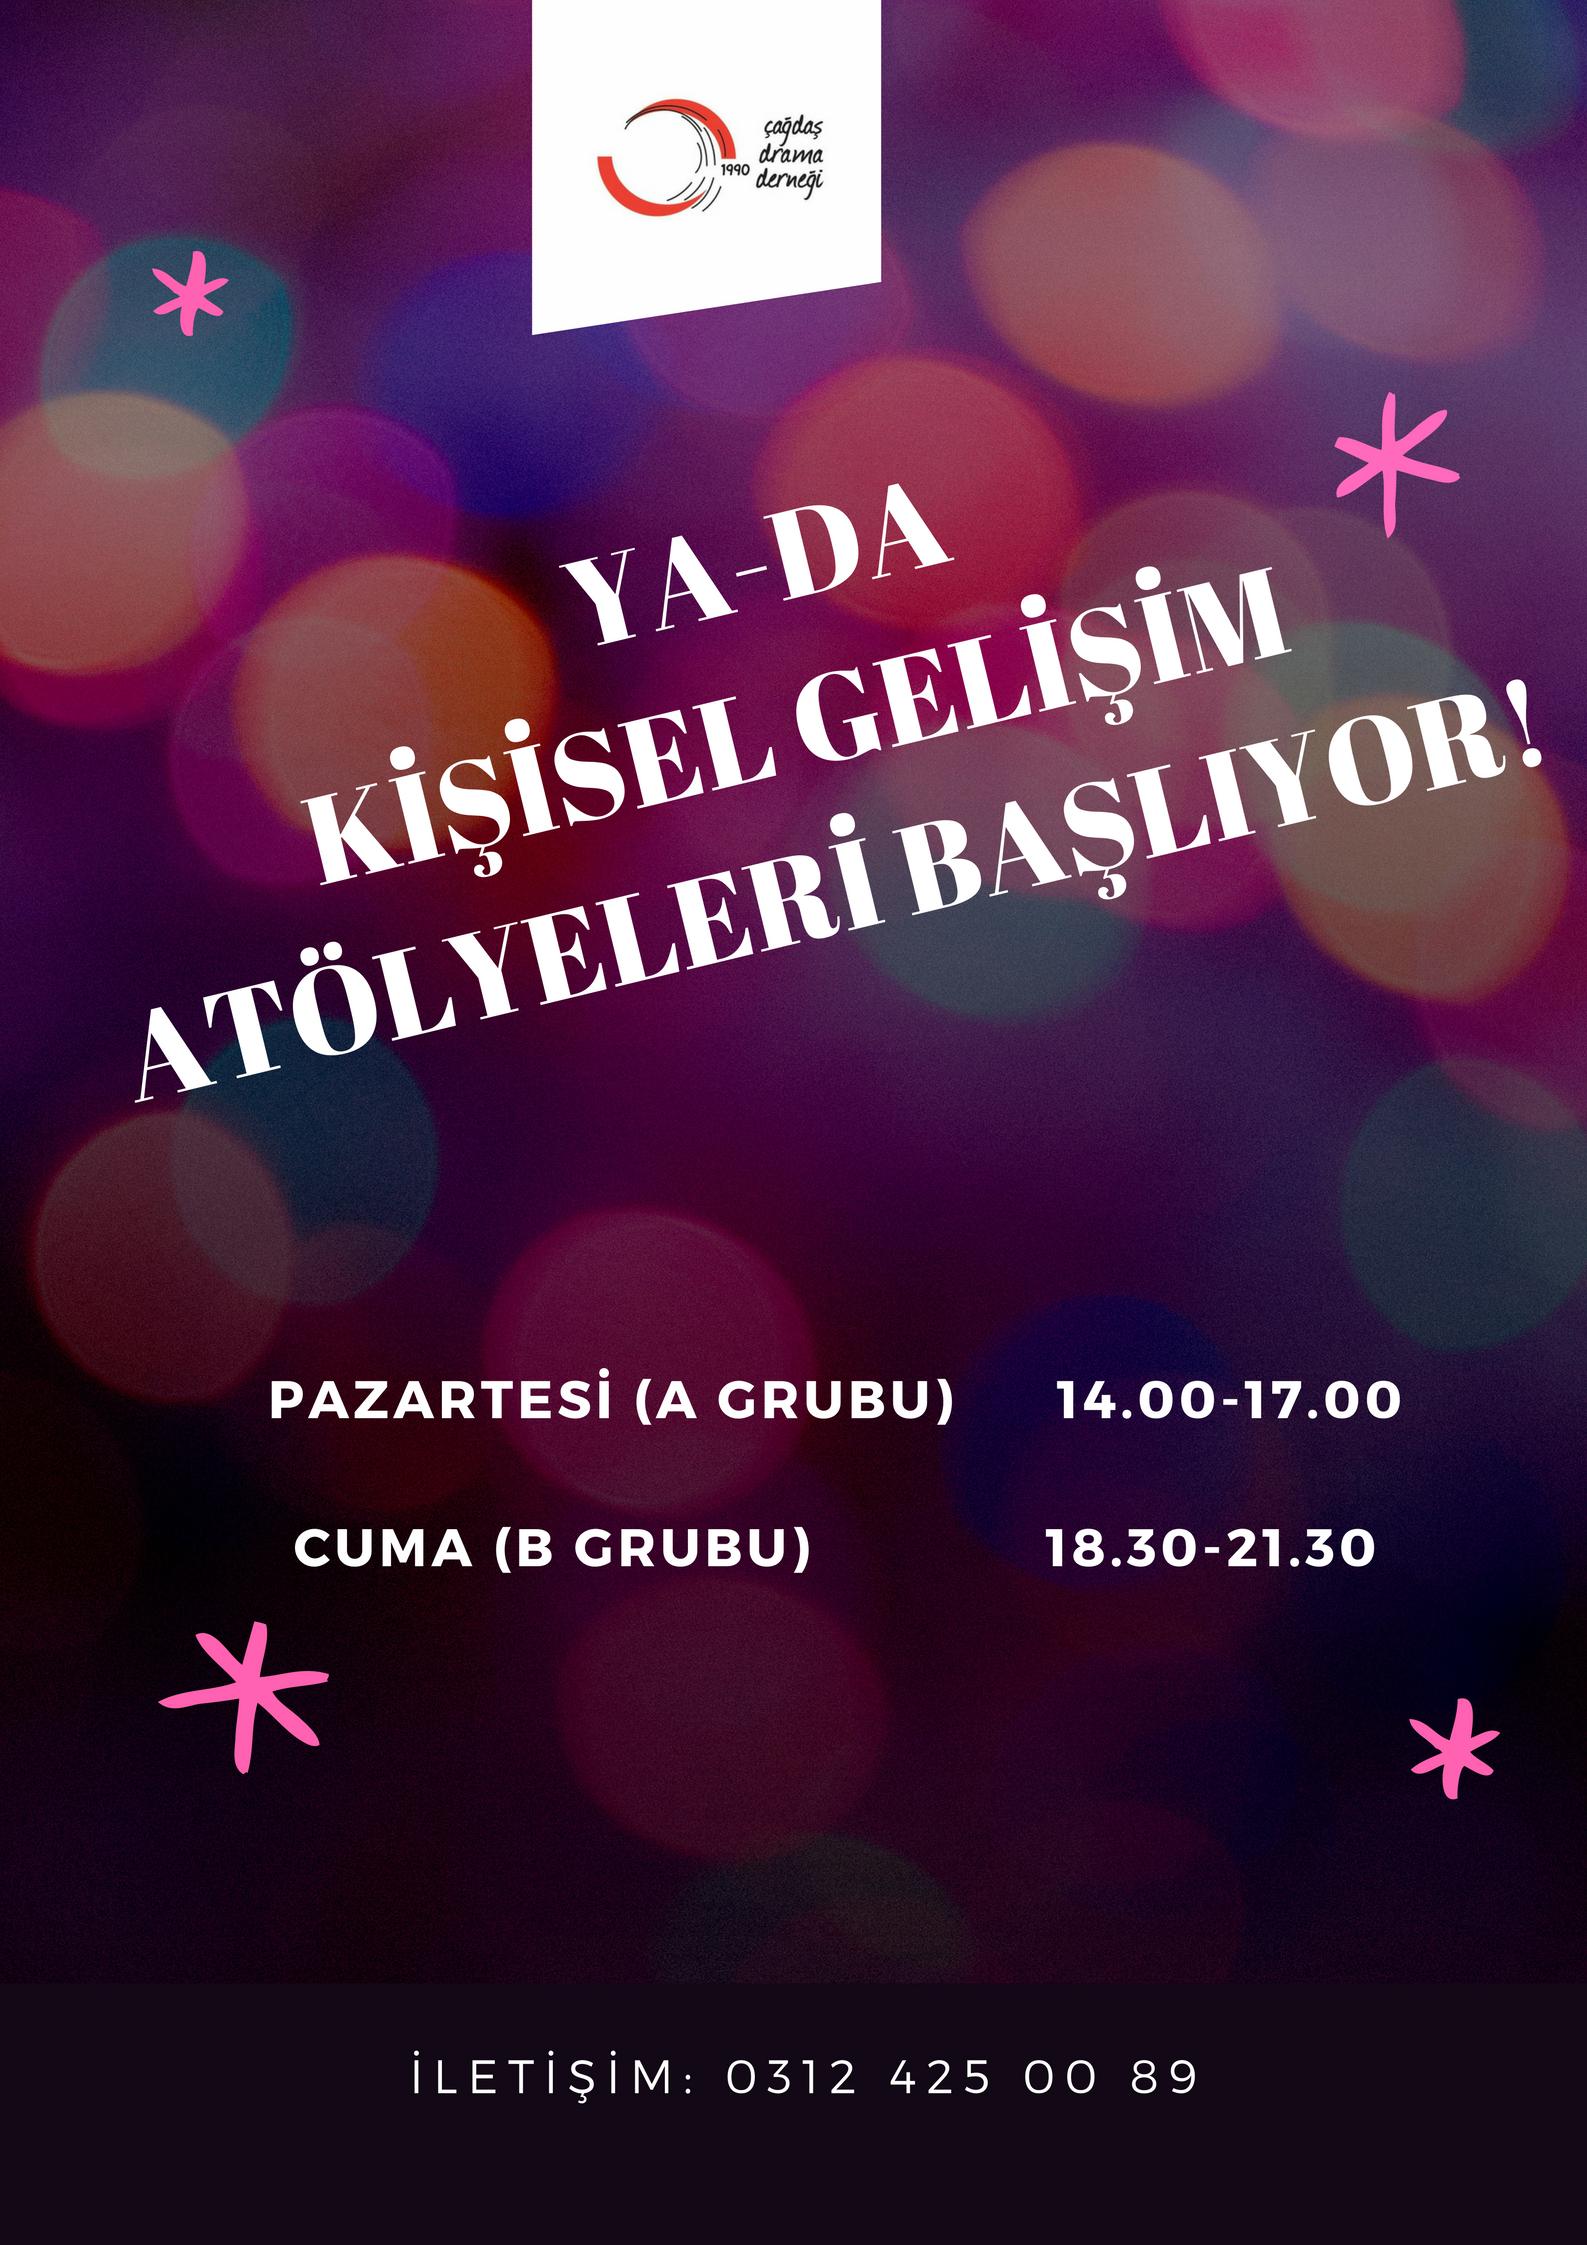 YA-DA Kişisel Gelişim Atölyeleri Başlıyor! / Ankara